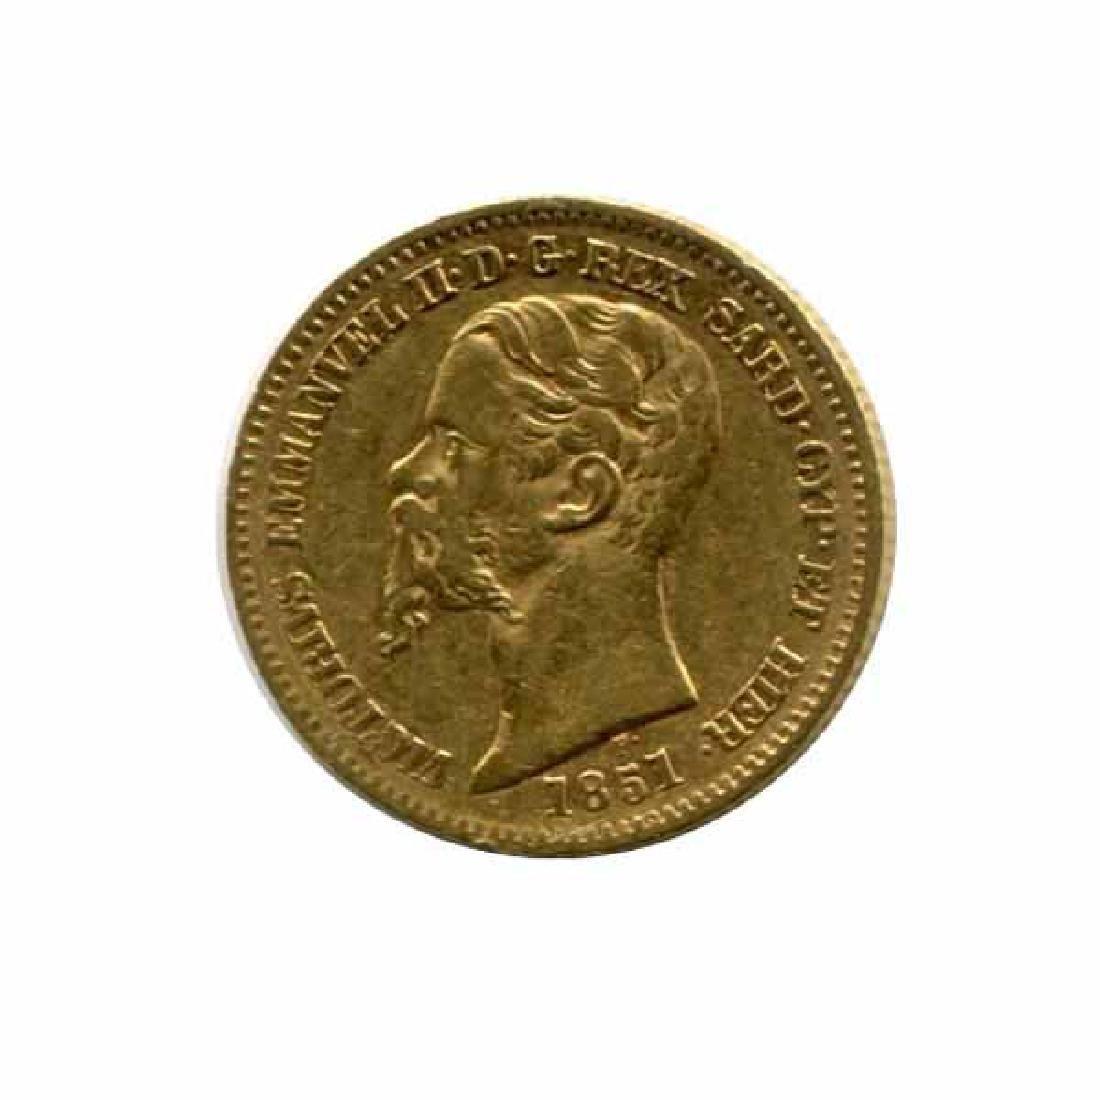 Italy Sardinia 20 lire gold 1850-1861 VF-XF